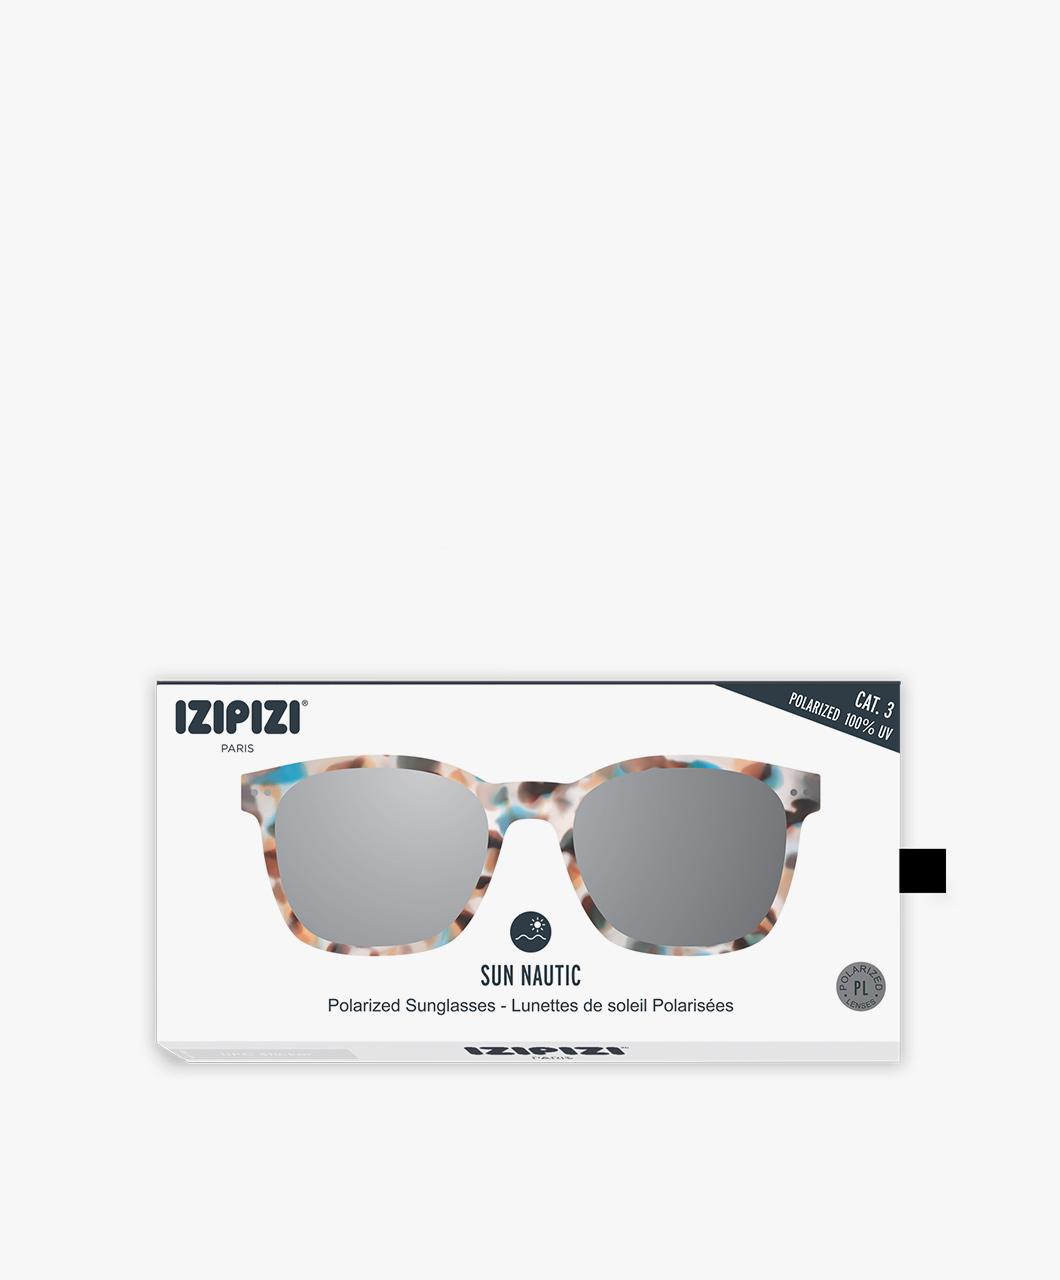 51aab186d46 IZIPIZI Sun Nautic Polarized Sunglasses - Blue Tortoise Green Lenses - sun  nautic tortoise